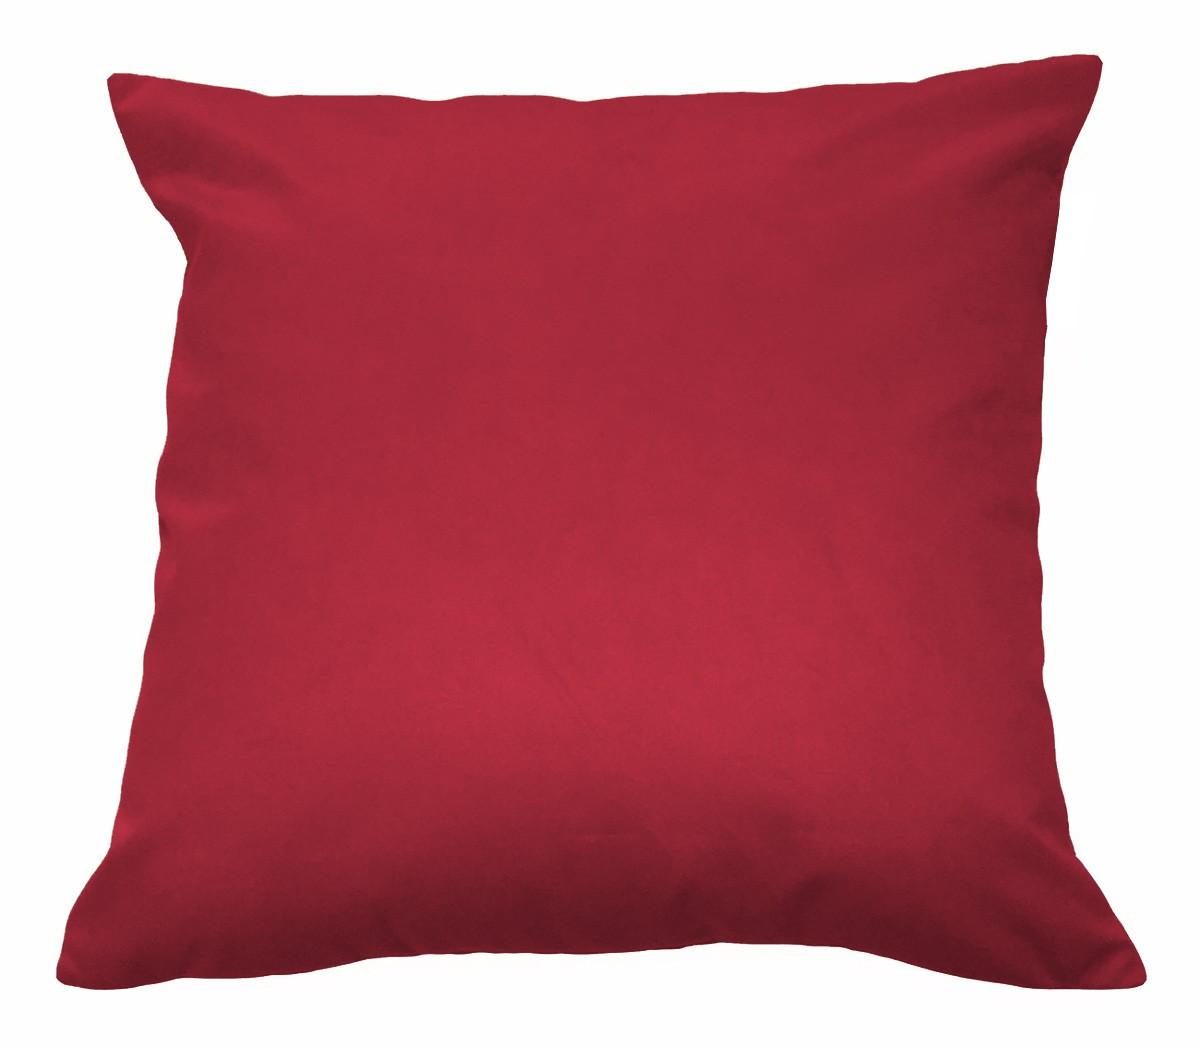 Kit 4 Almofadas Decorativas 50x50 Tecido Suede Vermelho